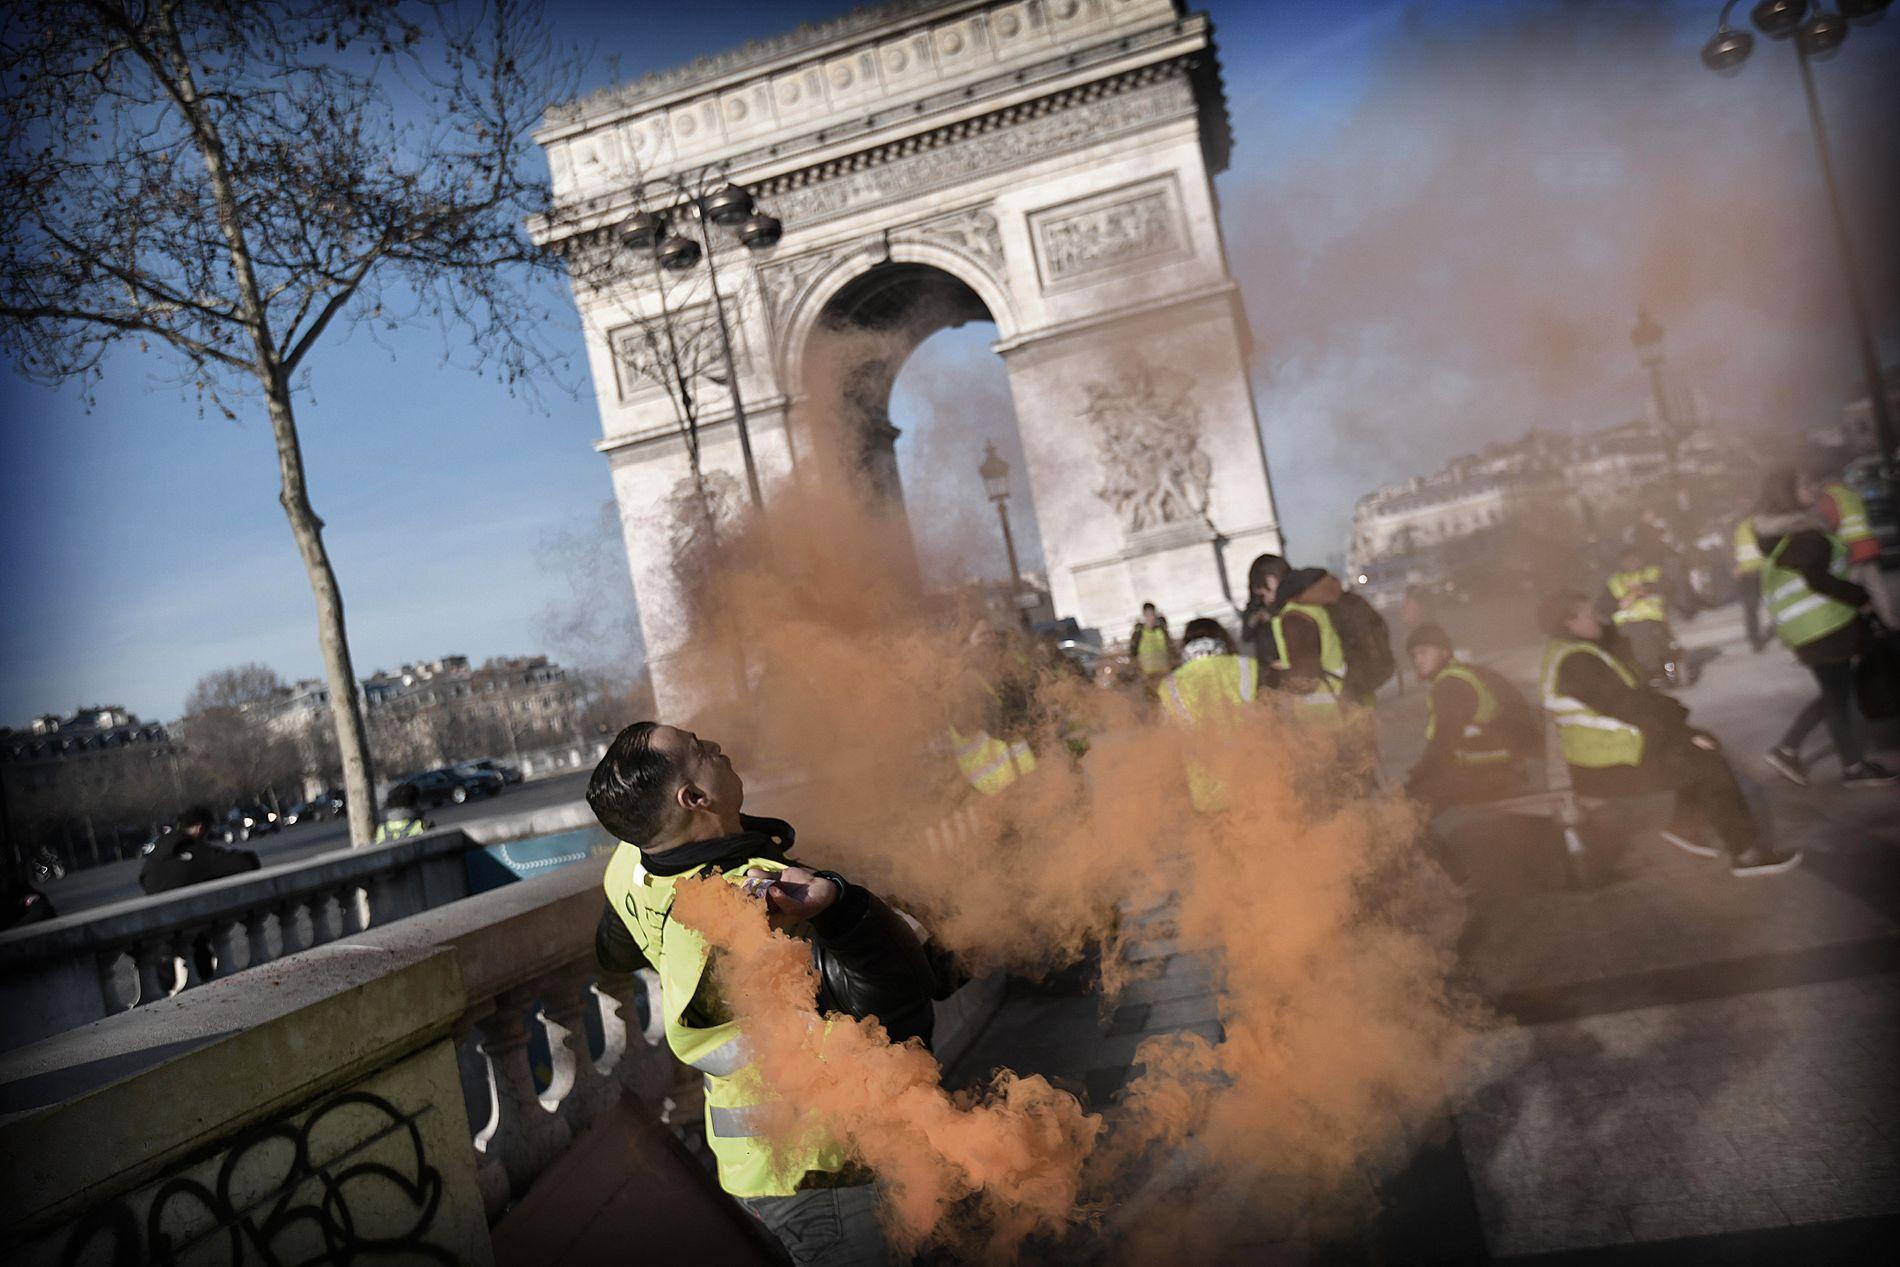 GULE VESTER: Hver lørdag i tre måneder har franske aktivister gått ut i gatene for å vise sin misnøye med myndighetene. Klokken tolv startet lørdagens demonstrasjonen i Paris.